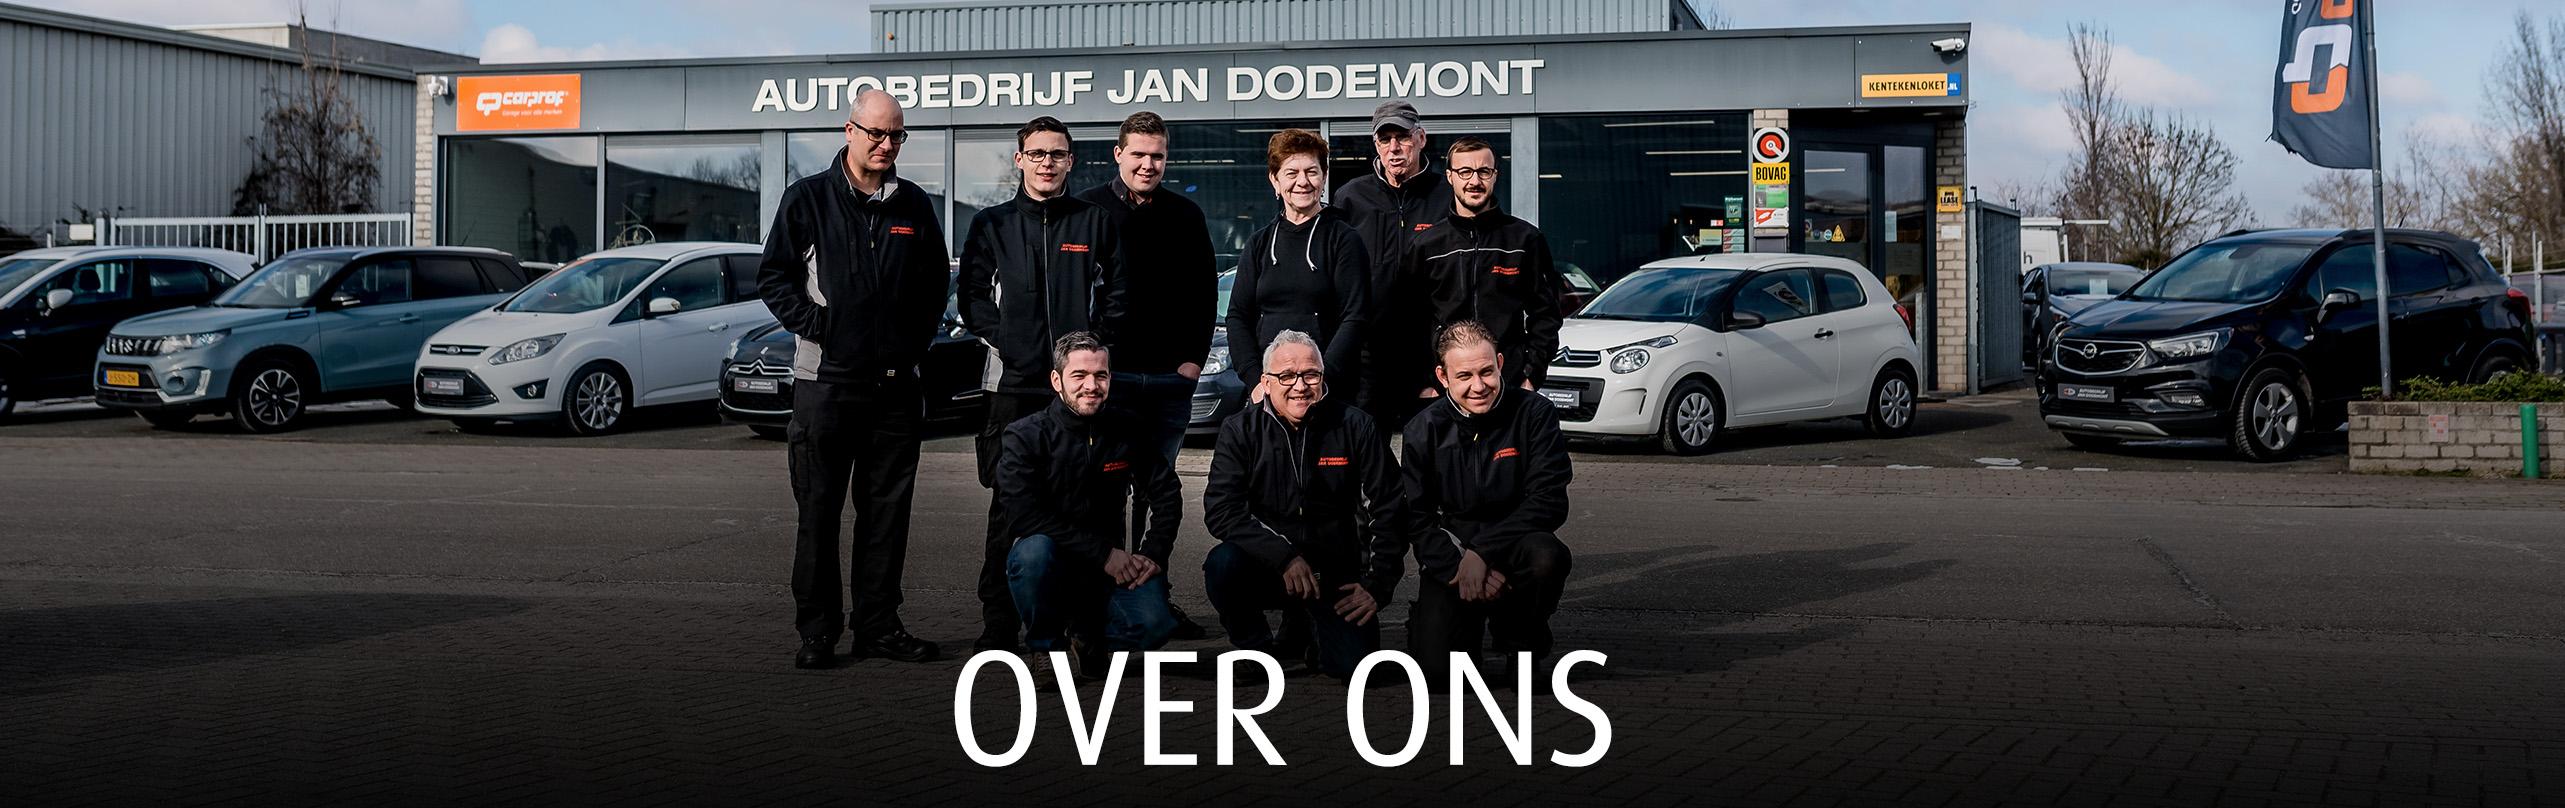 Het team van autobedrijf Jan Dodemont